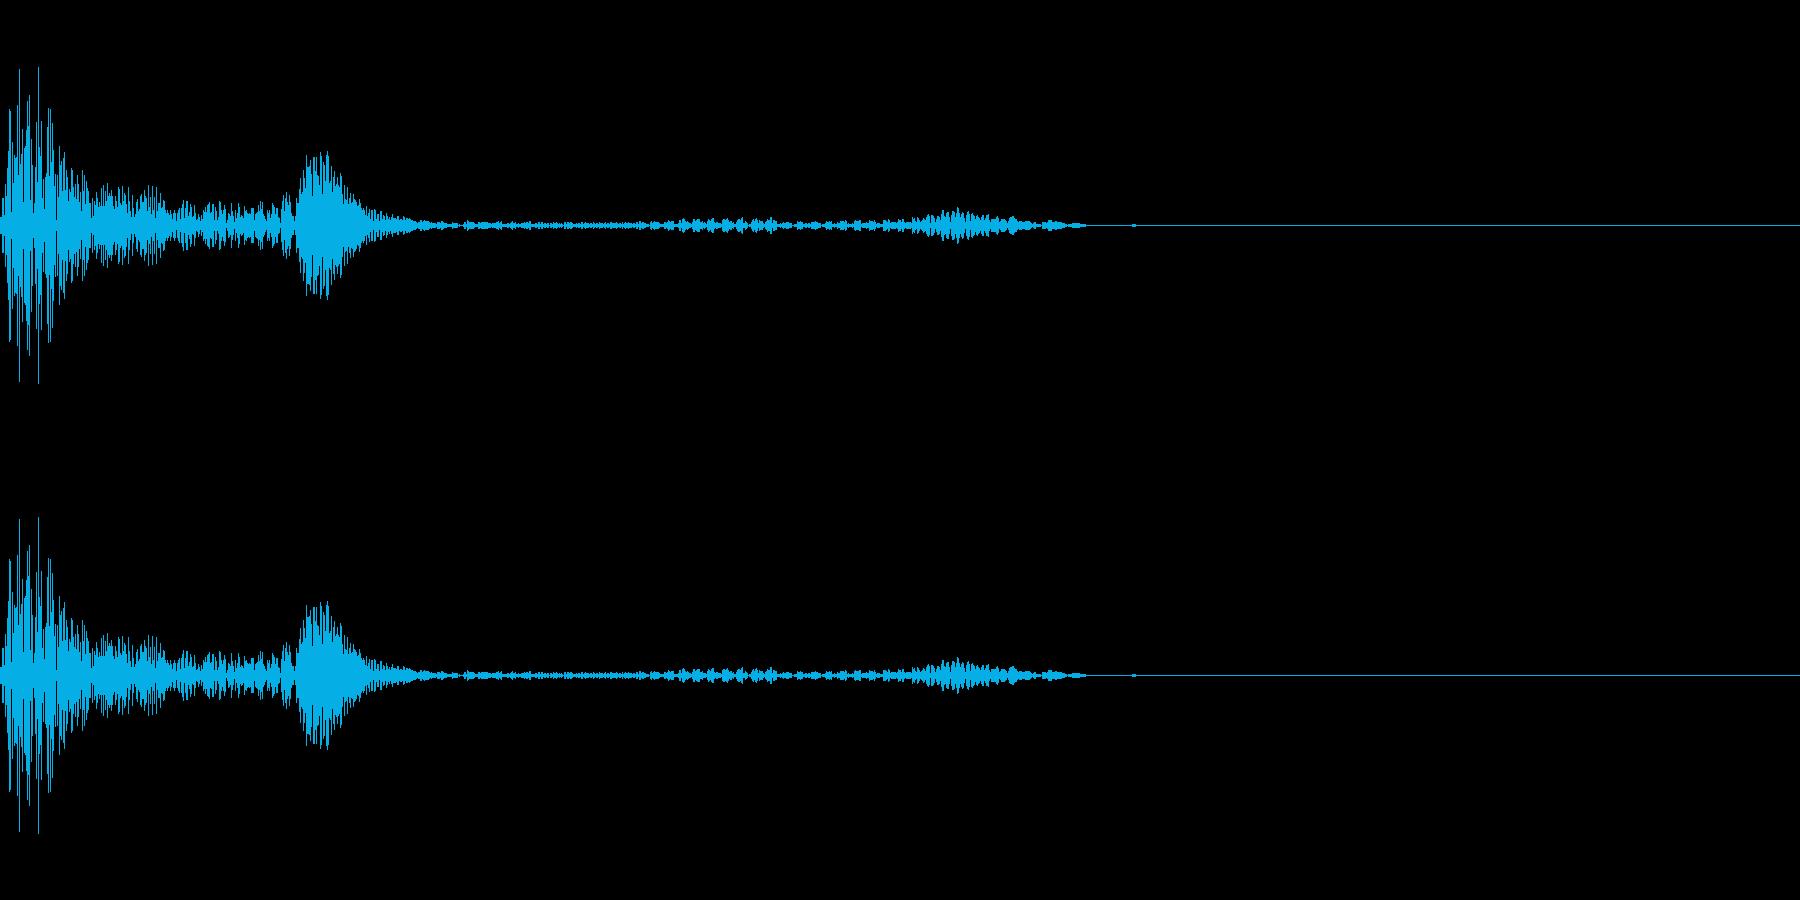 キャンセル/阻害音(ヴゥァヴーッ)の再生済みの波形